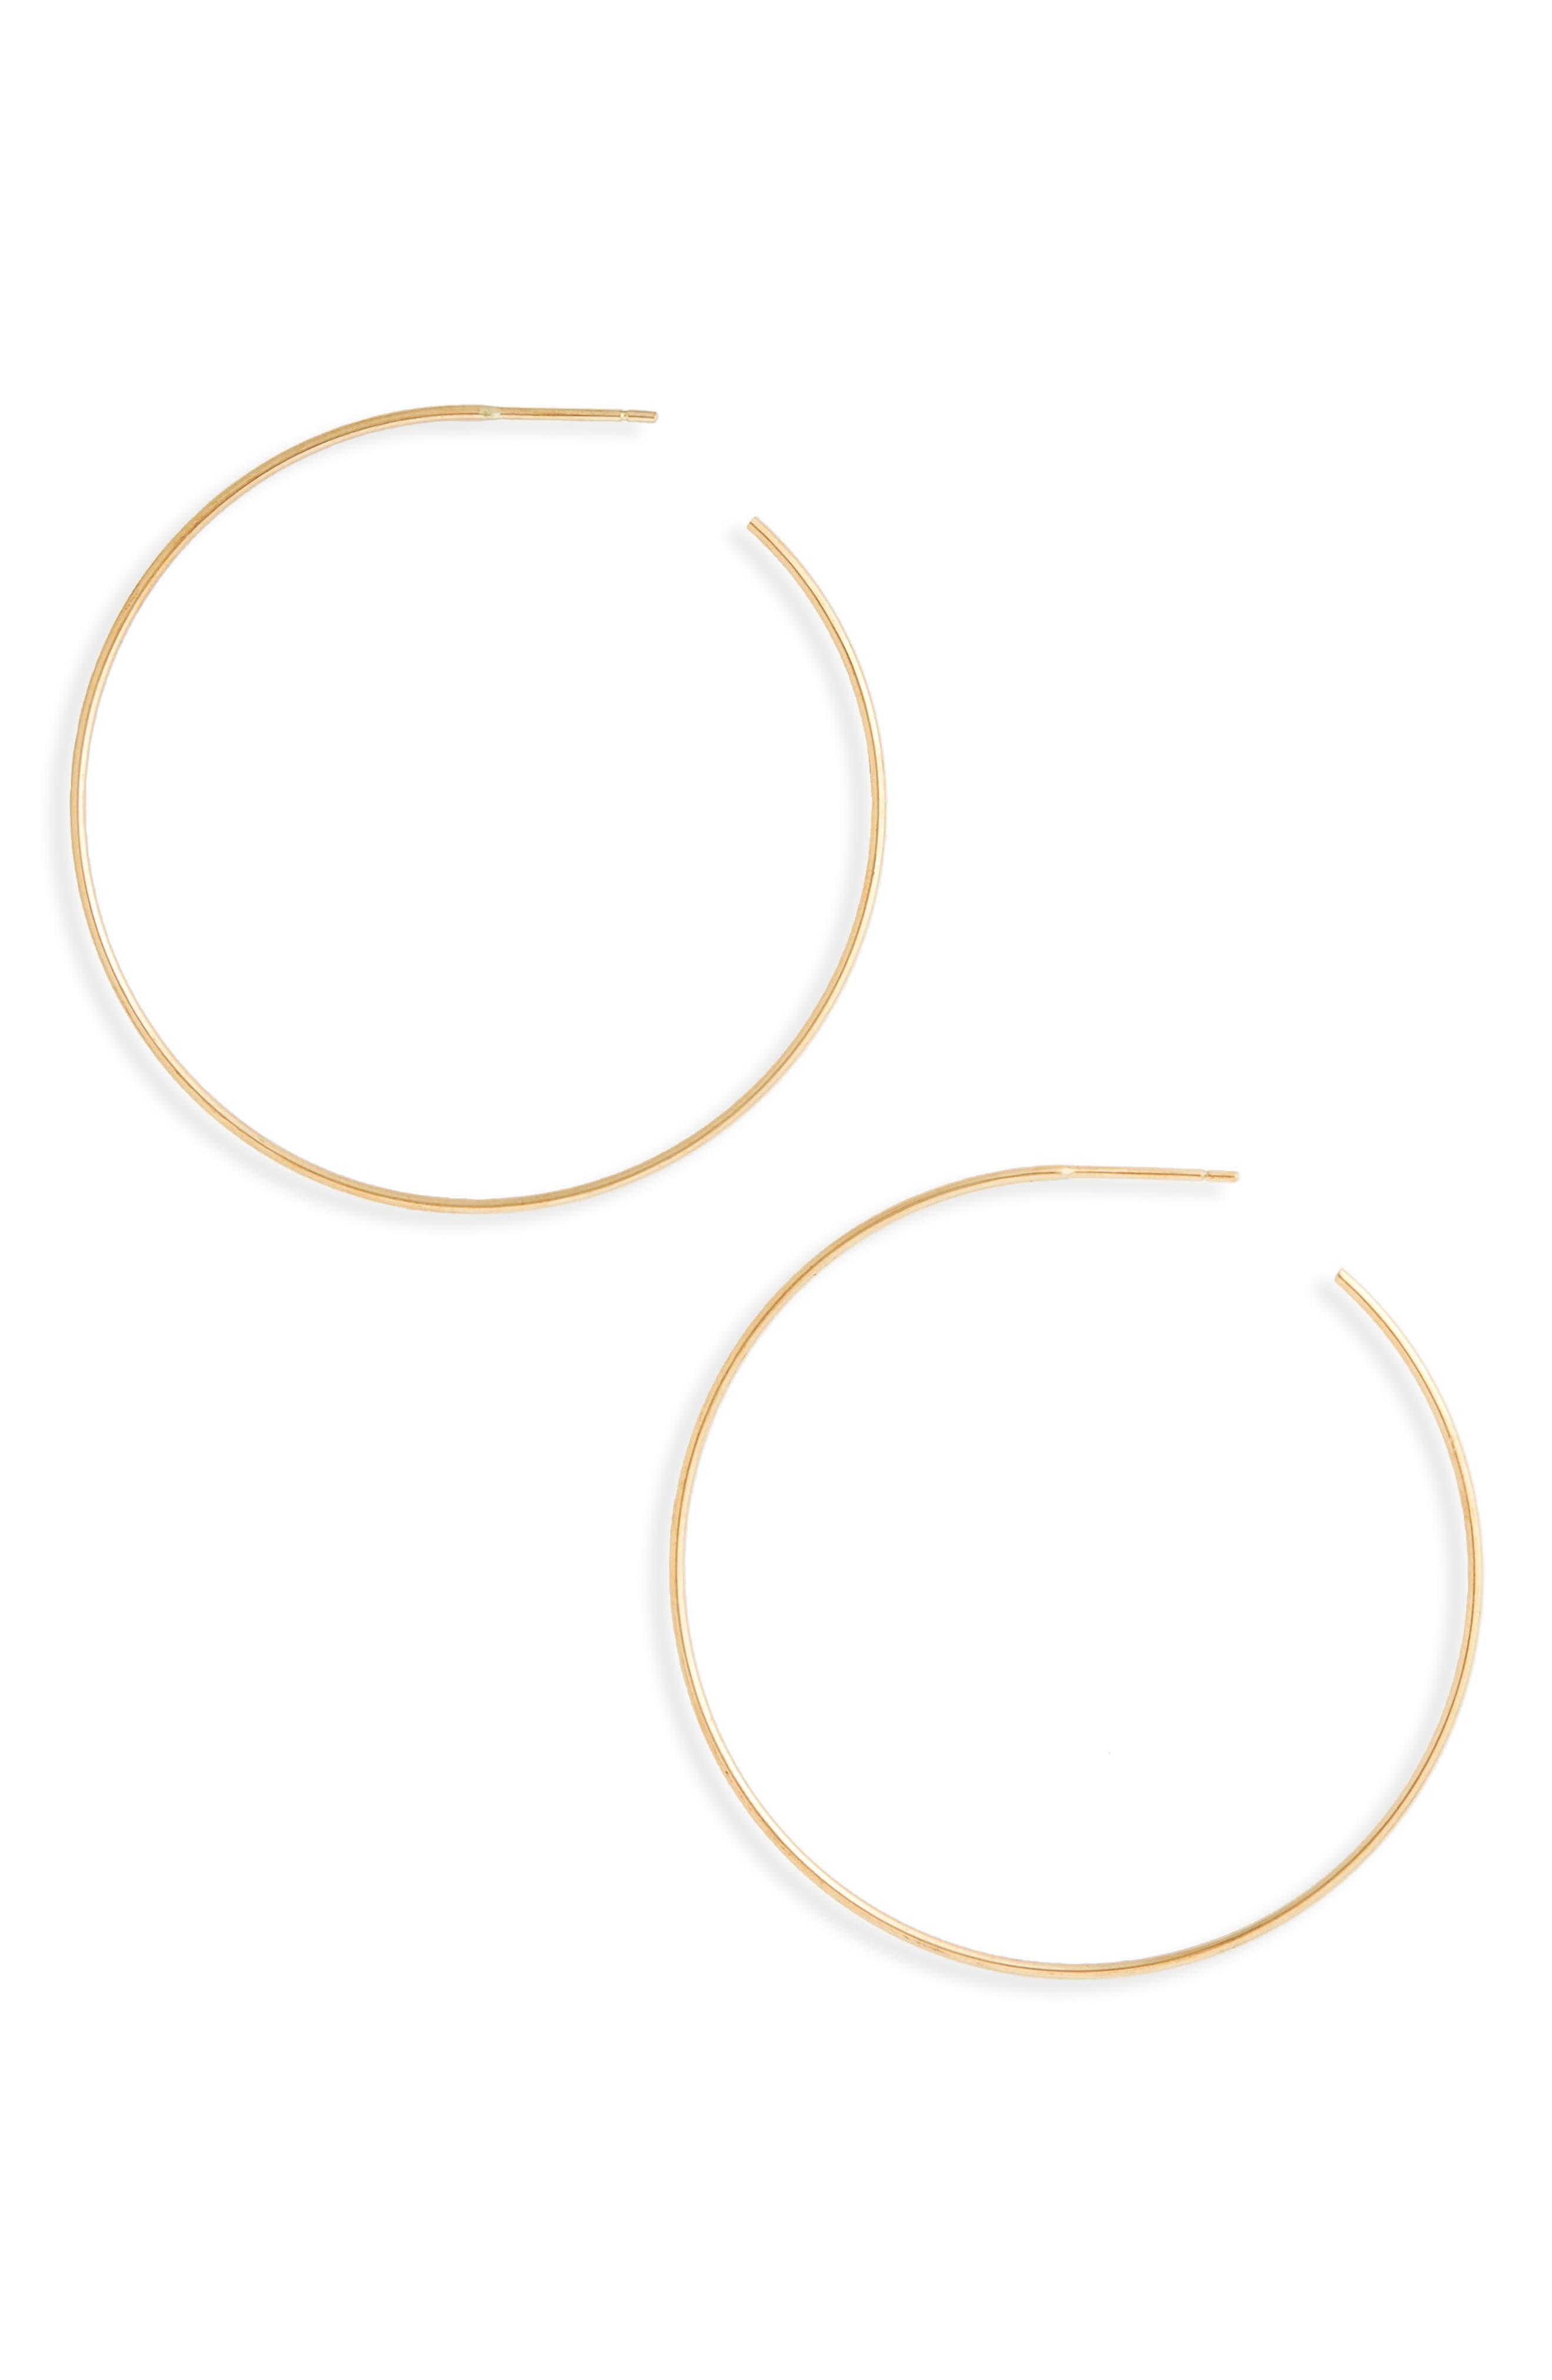 Post Back Hoop Earrings,                             Main thumbnail 1, color,                             710